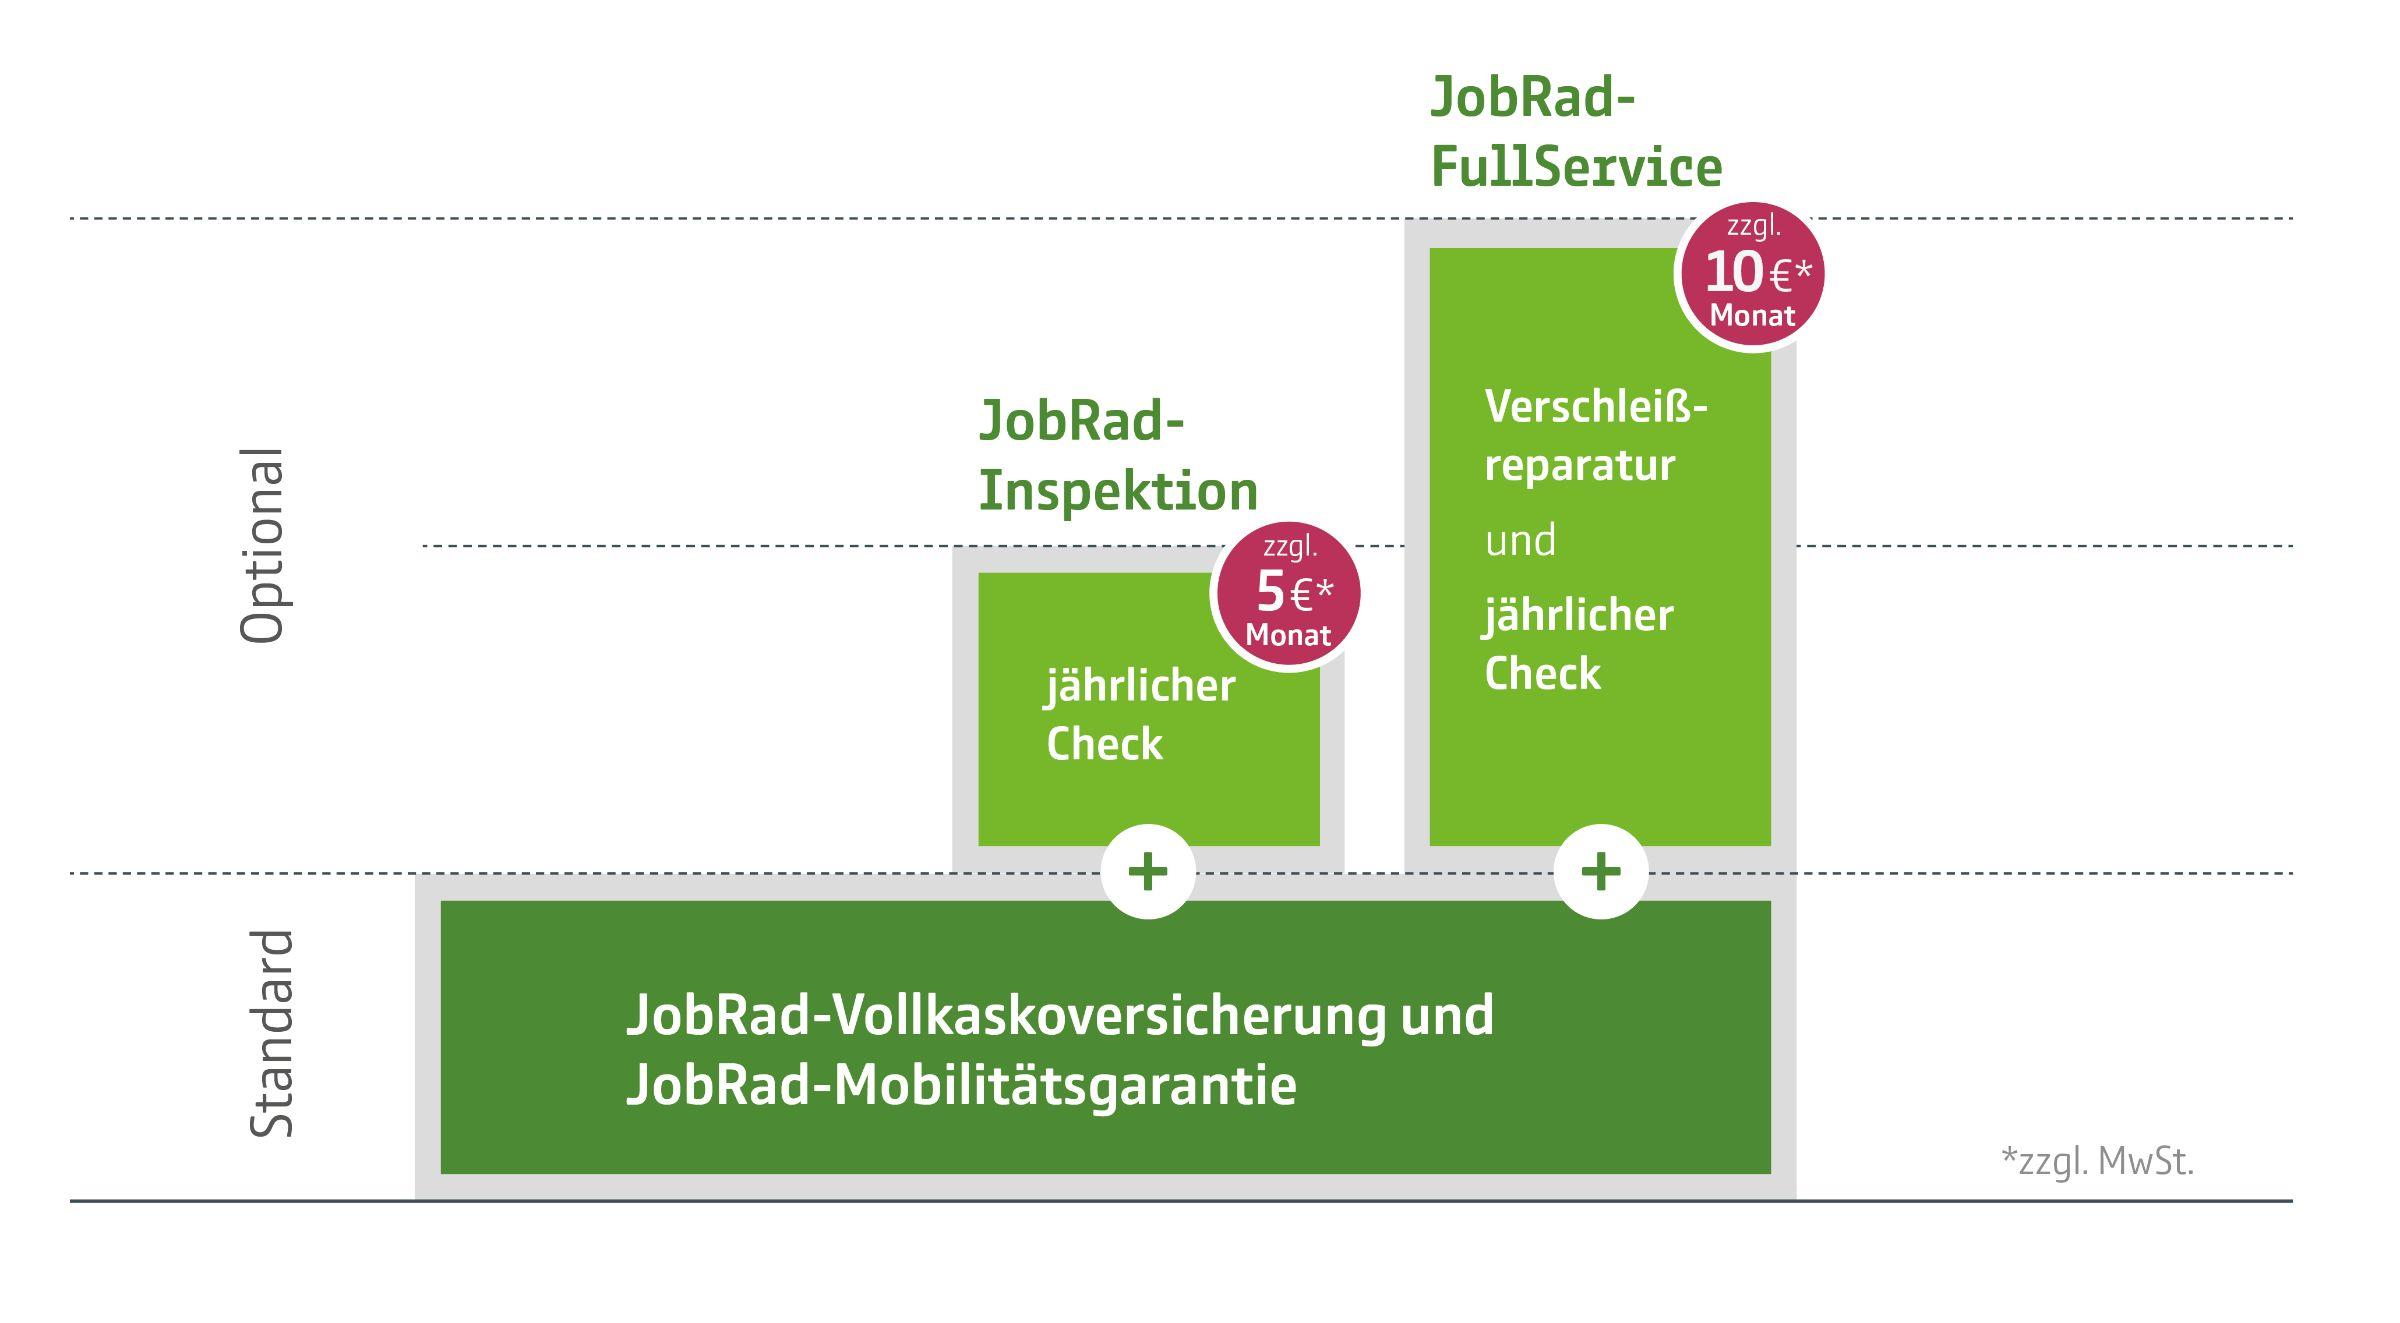 JobRad-Services: Machen Sie mehr aus Ihrem JobRad!